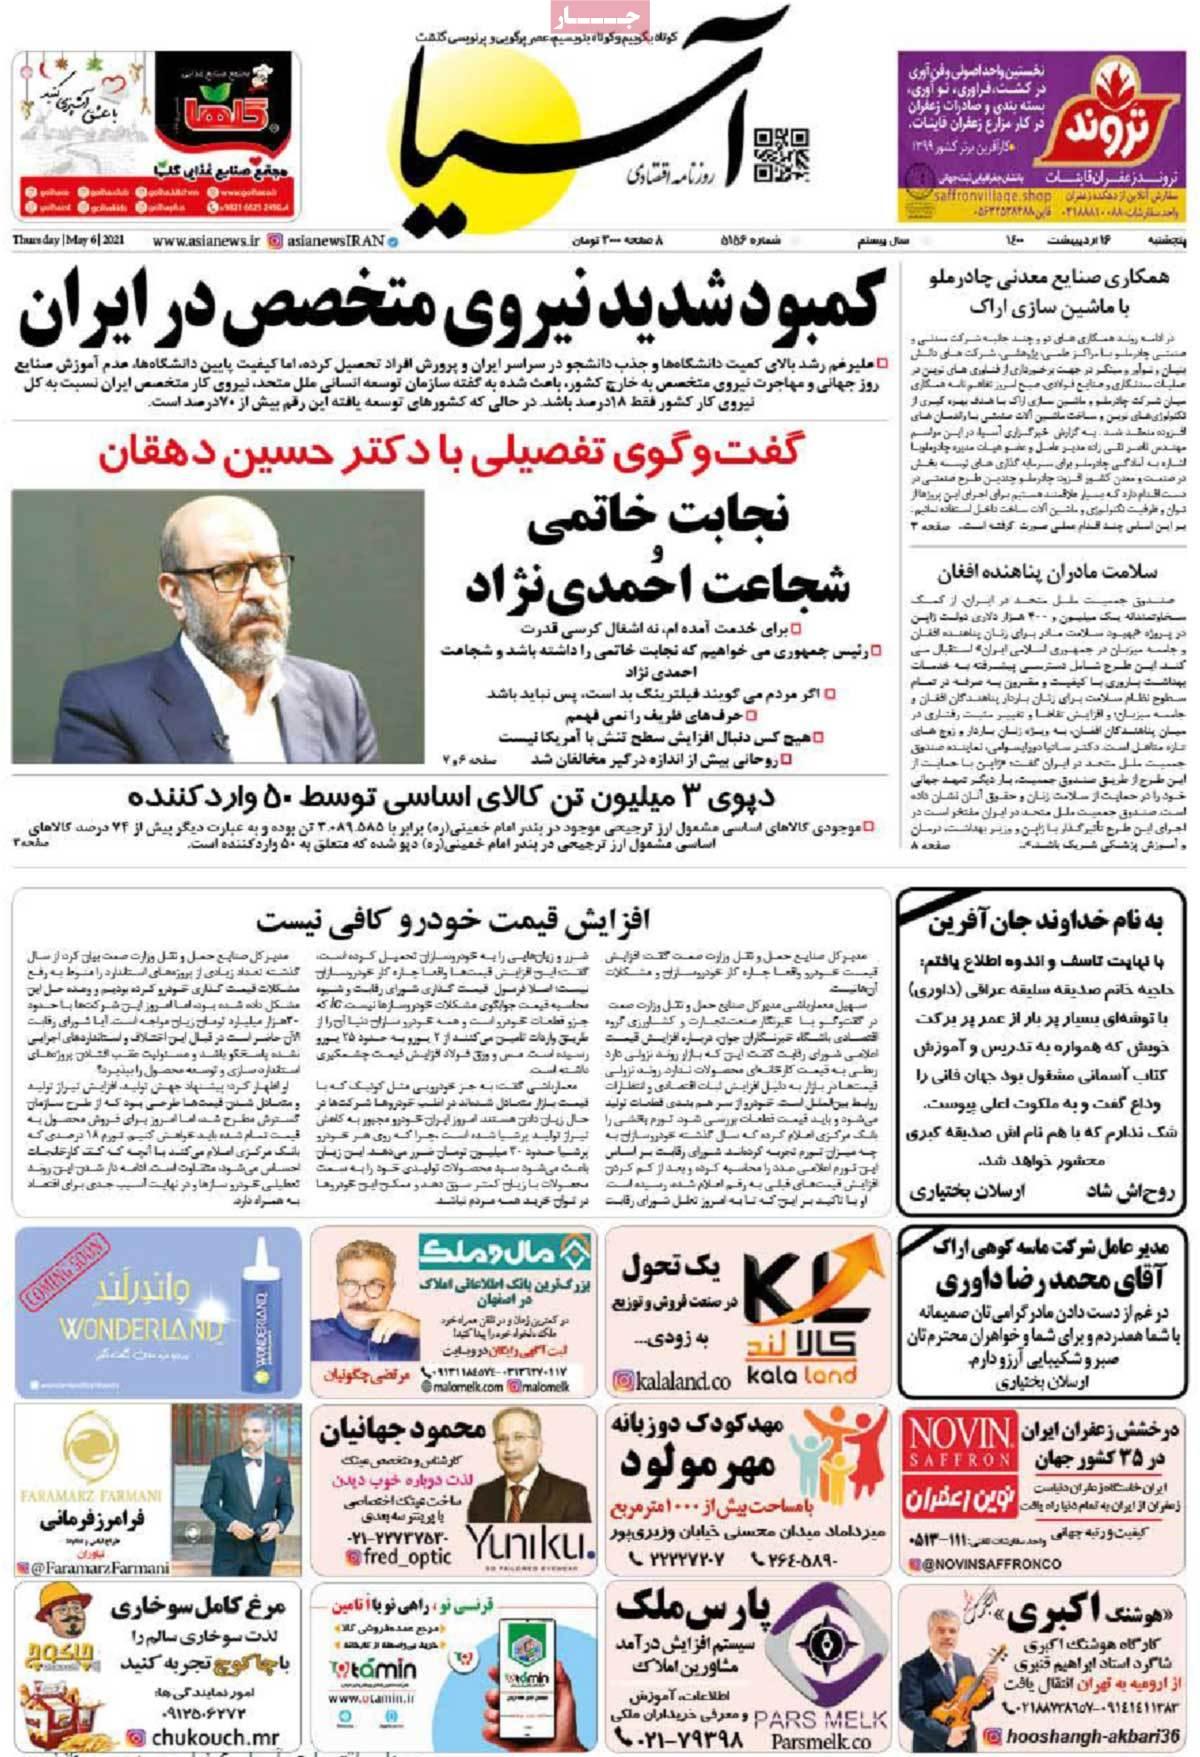 صفحه اول روزنامه  آسیا